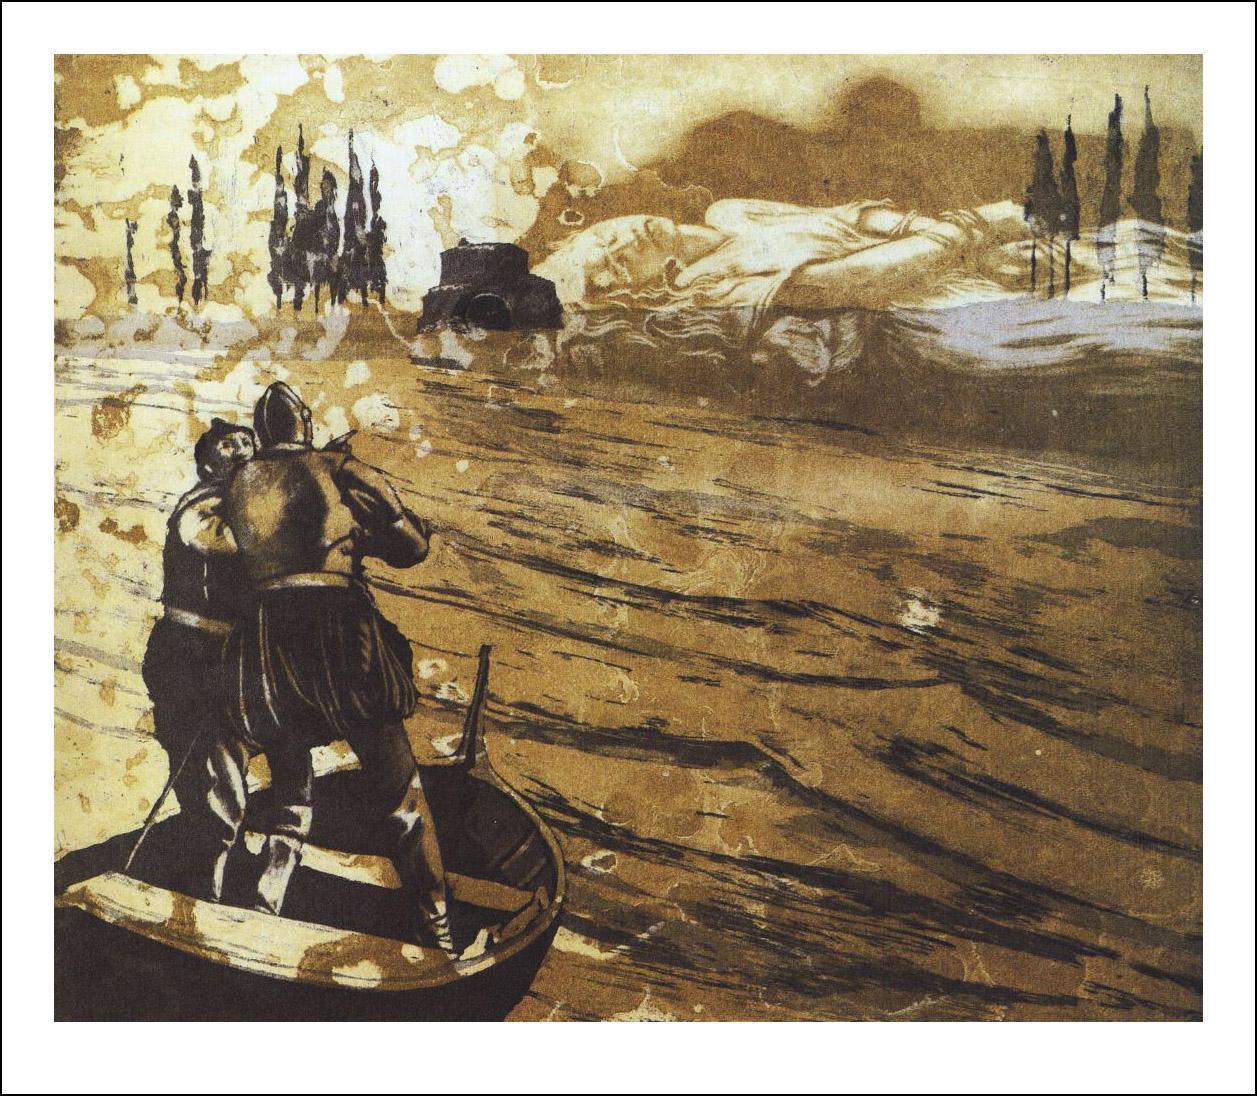 Eberhard Schlotter, Don Quijote